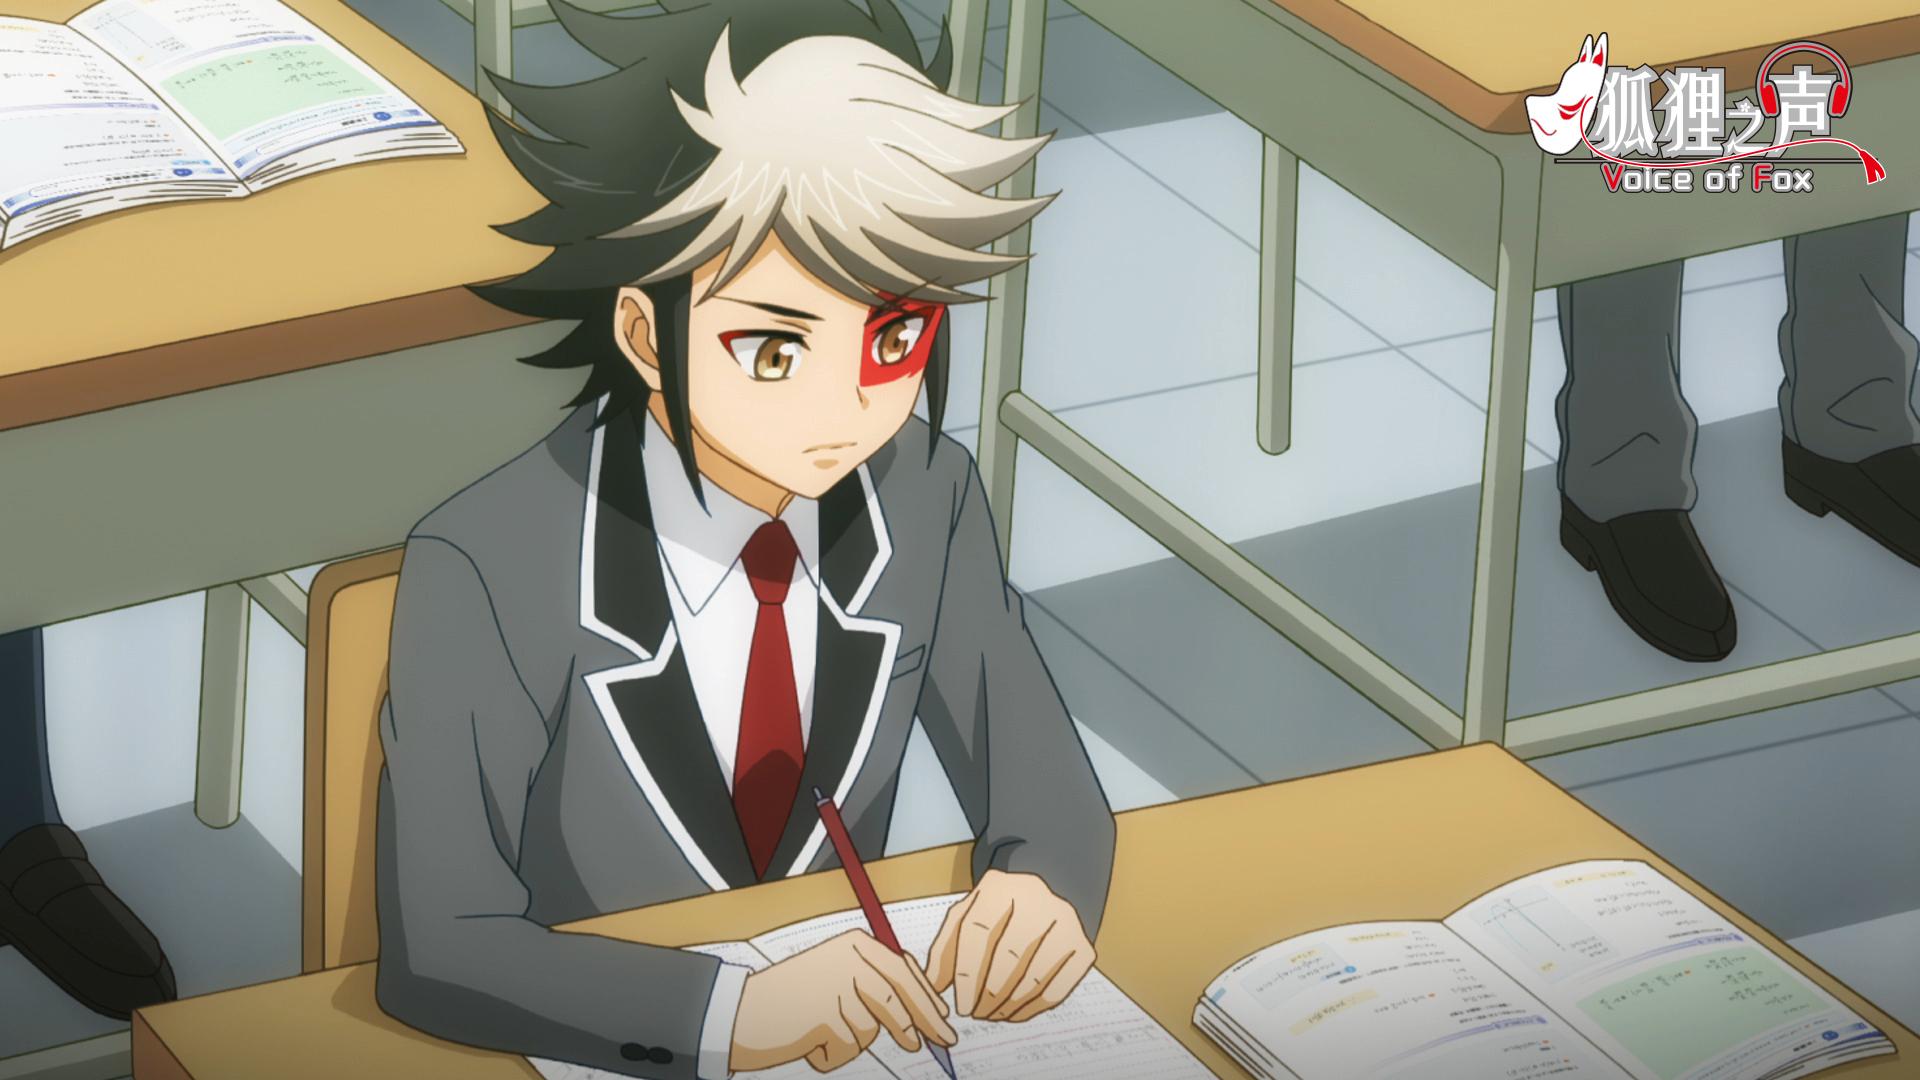 TVアニメ『狐狸之声』第2話のあらすじ&場面カットを公開! 幼馴染みの人気アイドル・チュユンが級友とトラブルに巻き込まれる